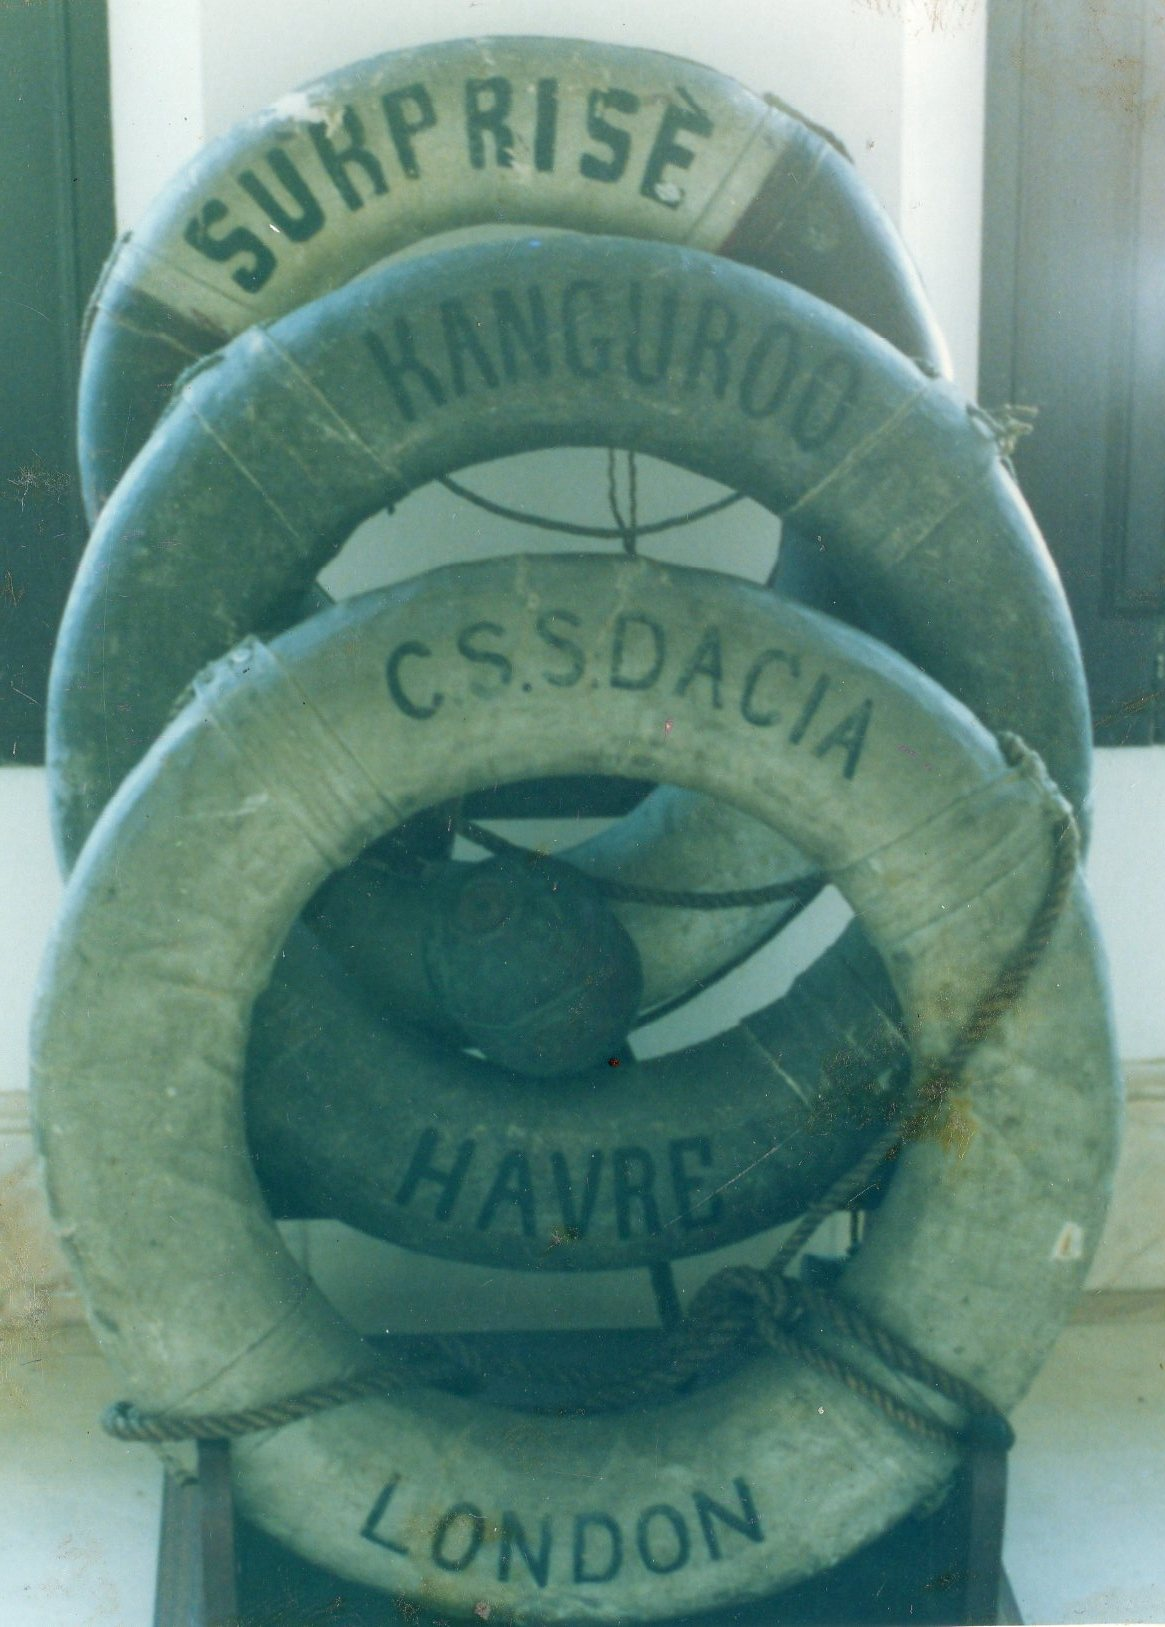 """Bóias dos navios afundados """"SURPRISE"""", KANGUROO"""" e """"DACIA"""", em 3 de Dezembro de 1916, na Baía do Funchal. Catálogo, n.º 479, Museu LCGG, Lisboa"""